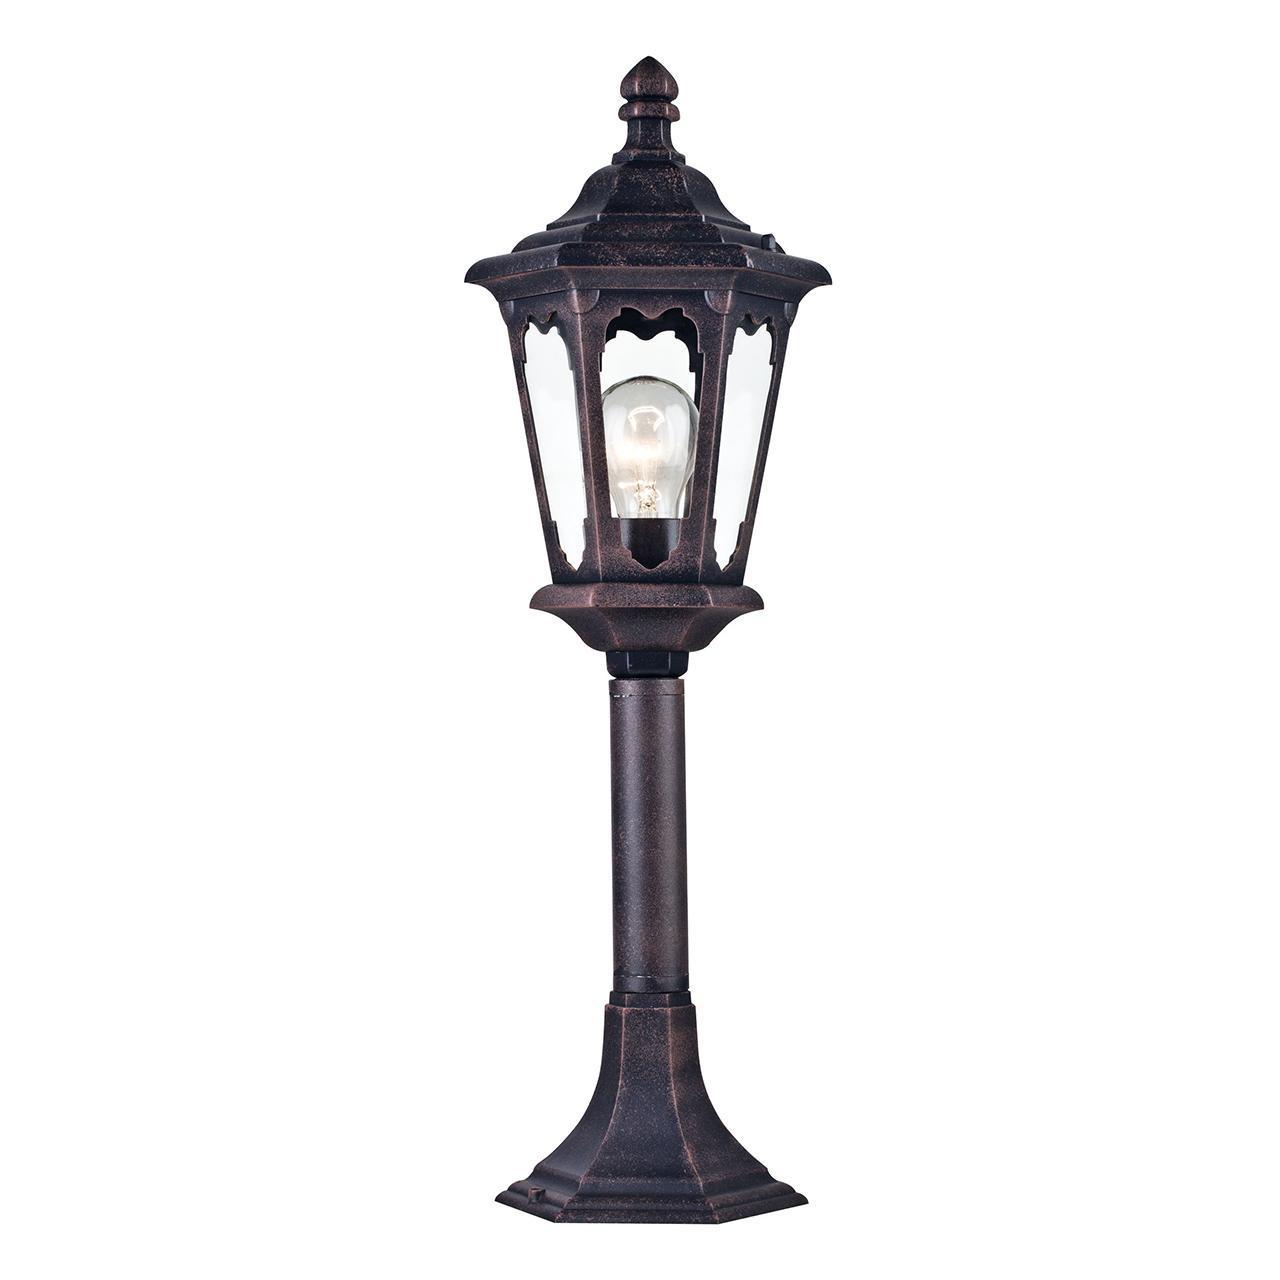 Уличный светильник Maytoni Oxford S101-60-31-B наземный низкий светильник maytoni oxford s101 60 31 в